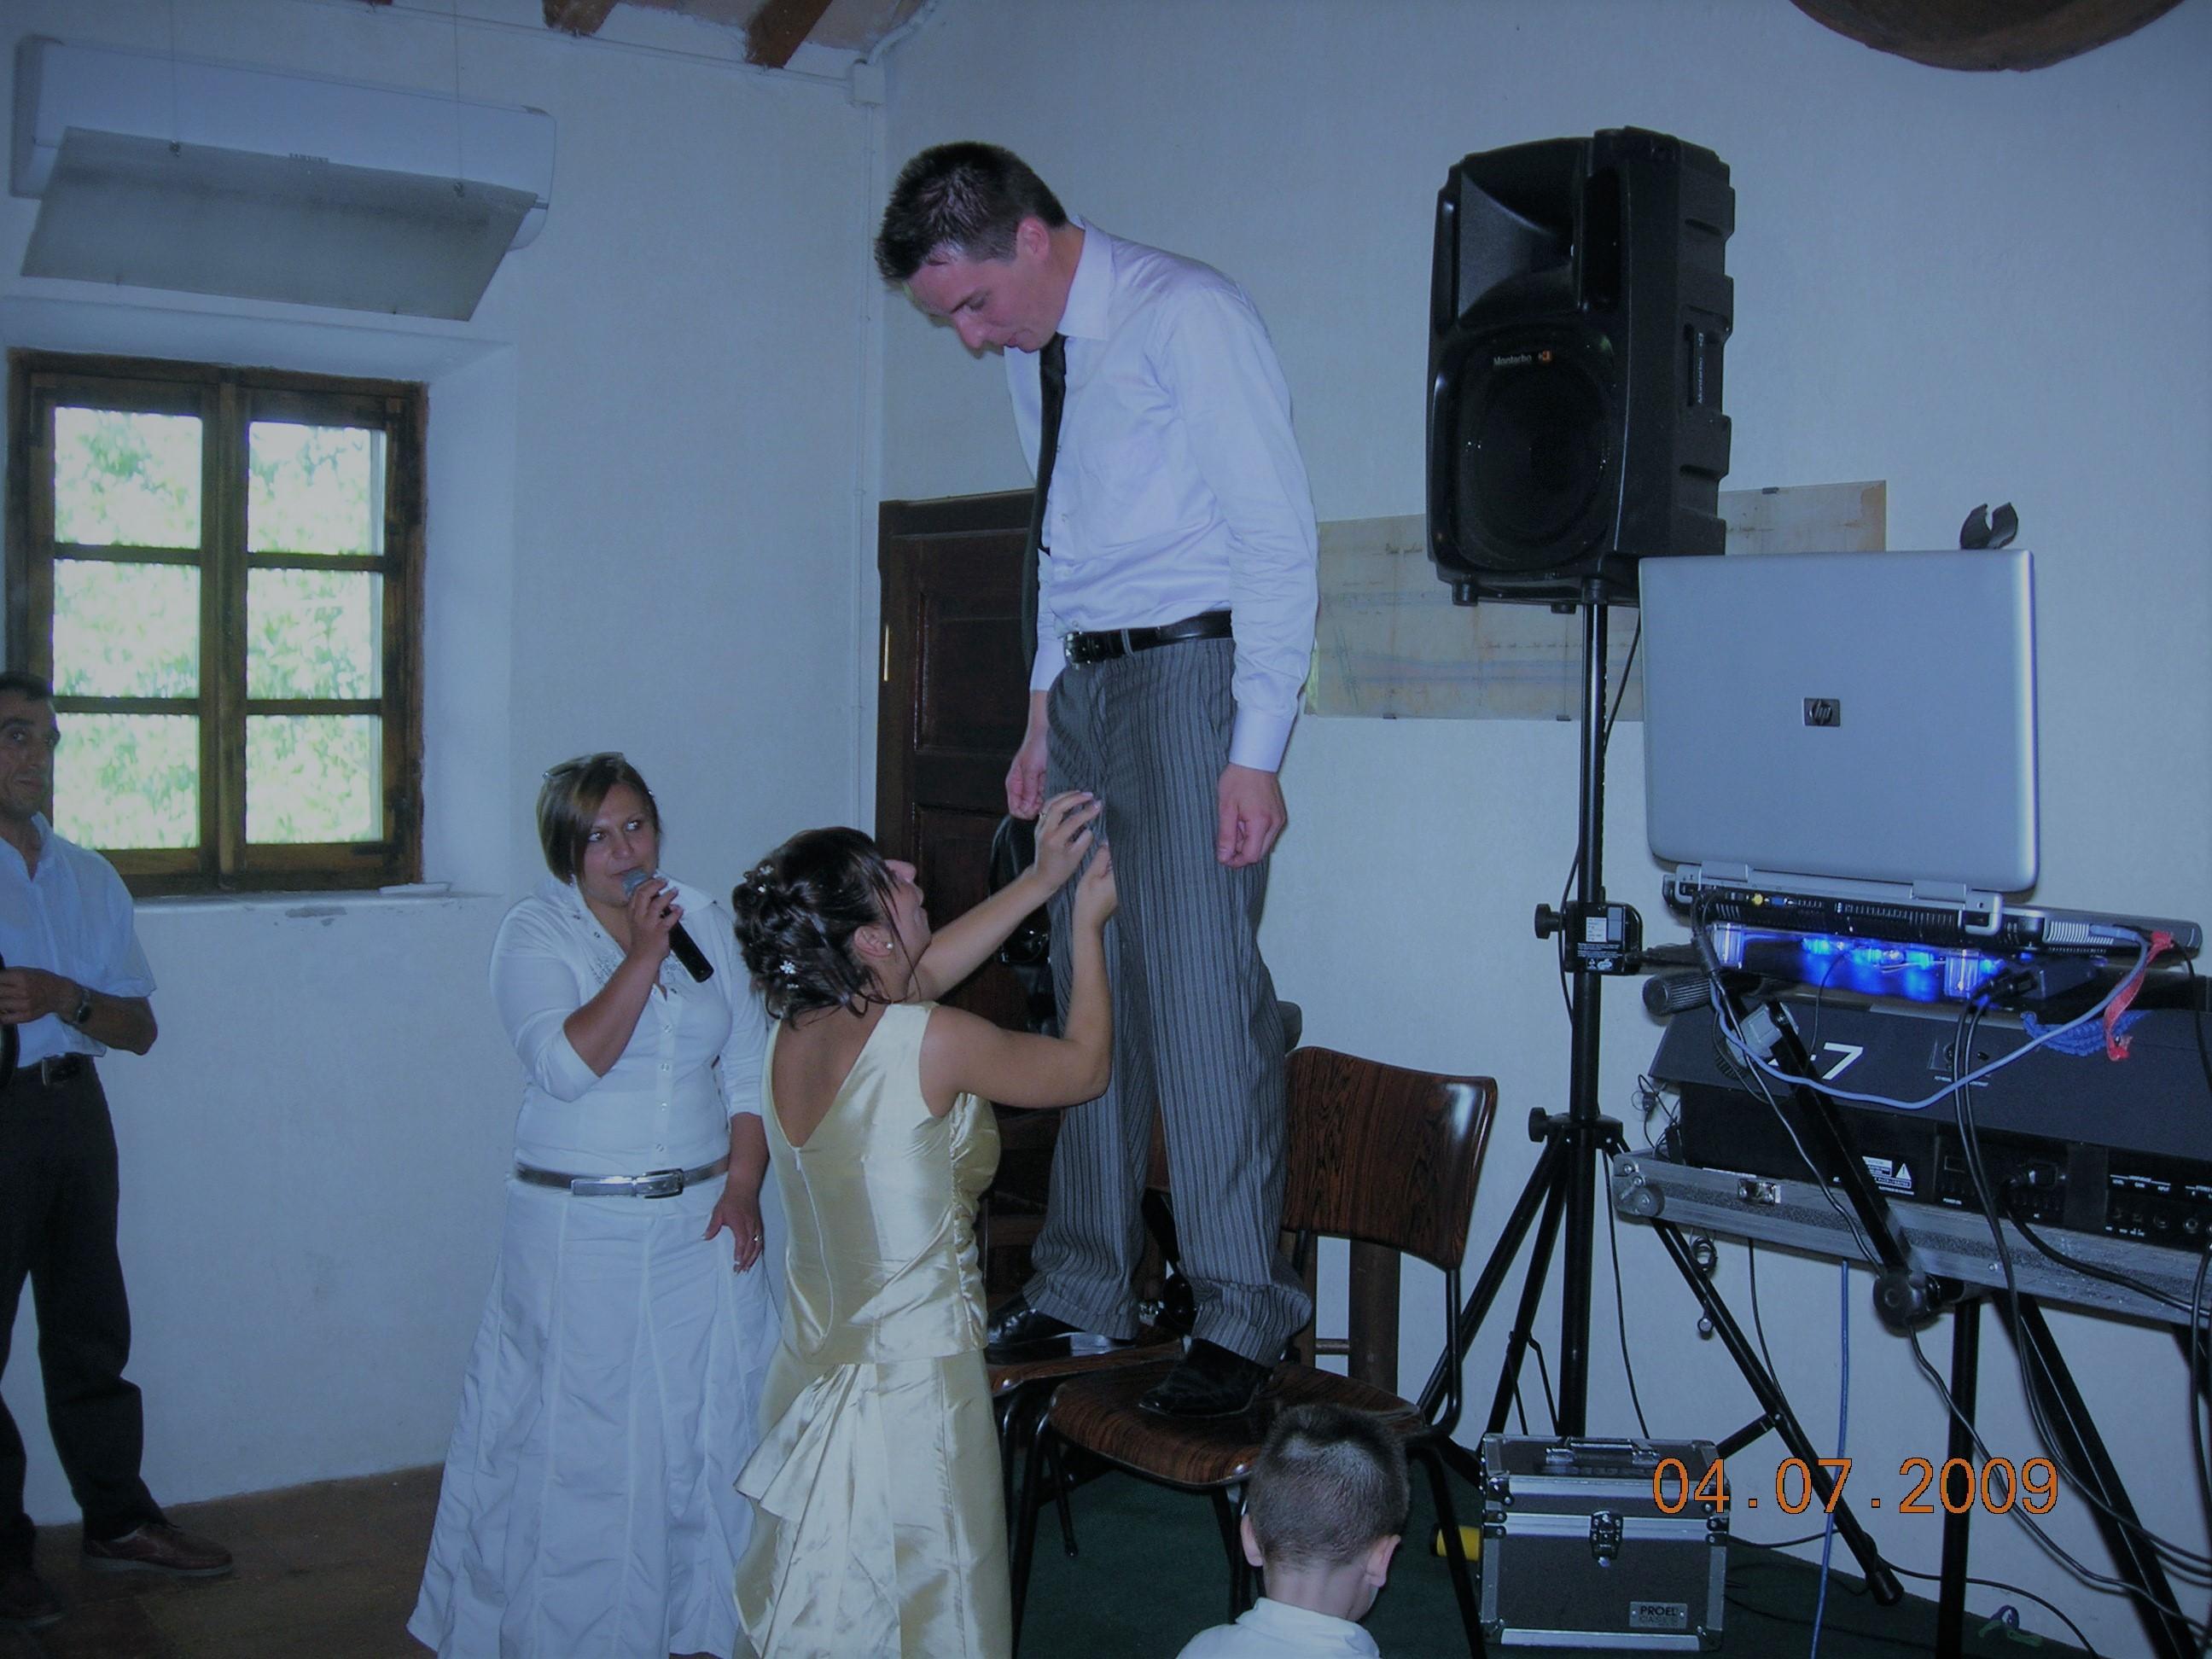 Oscar e Emanuela 04.07.2009 - 085.JPG